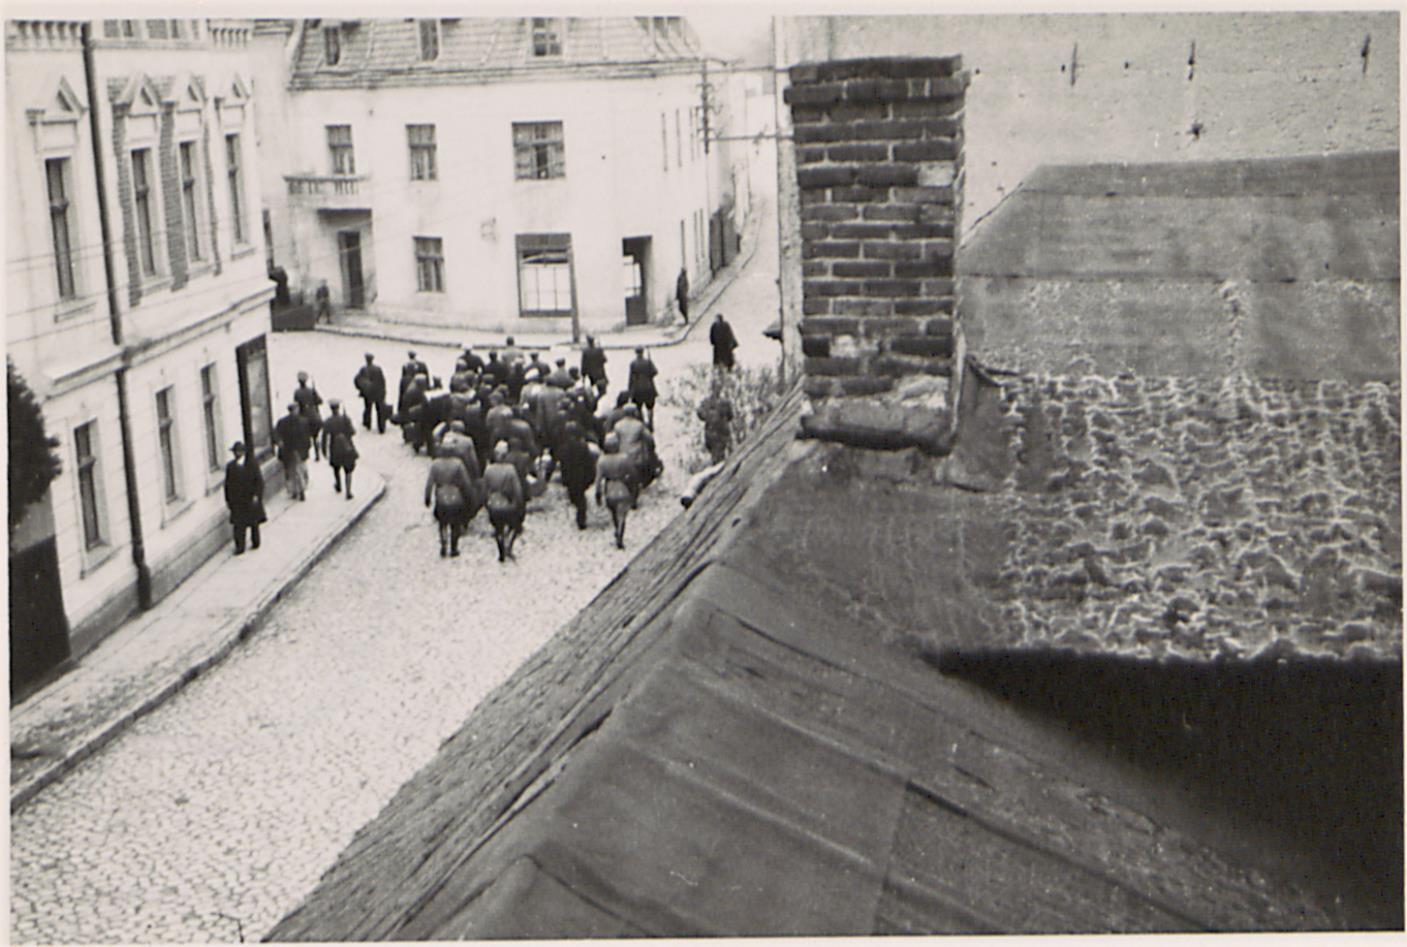 Fot. 3. Transport aresztowanych na stację kolejową (ujęcie ostatnie). Źródło: I. Z. Dok. IV – 132.